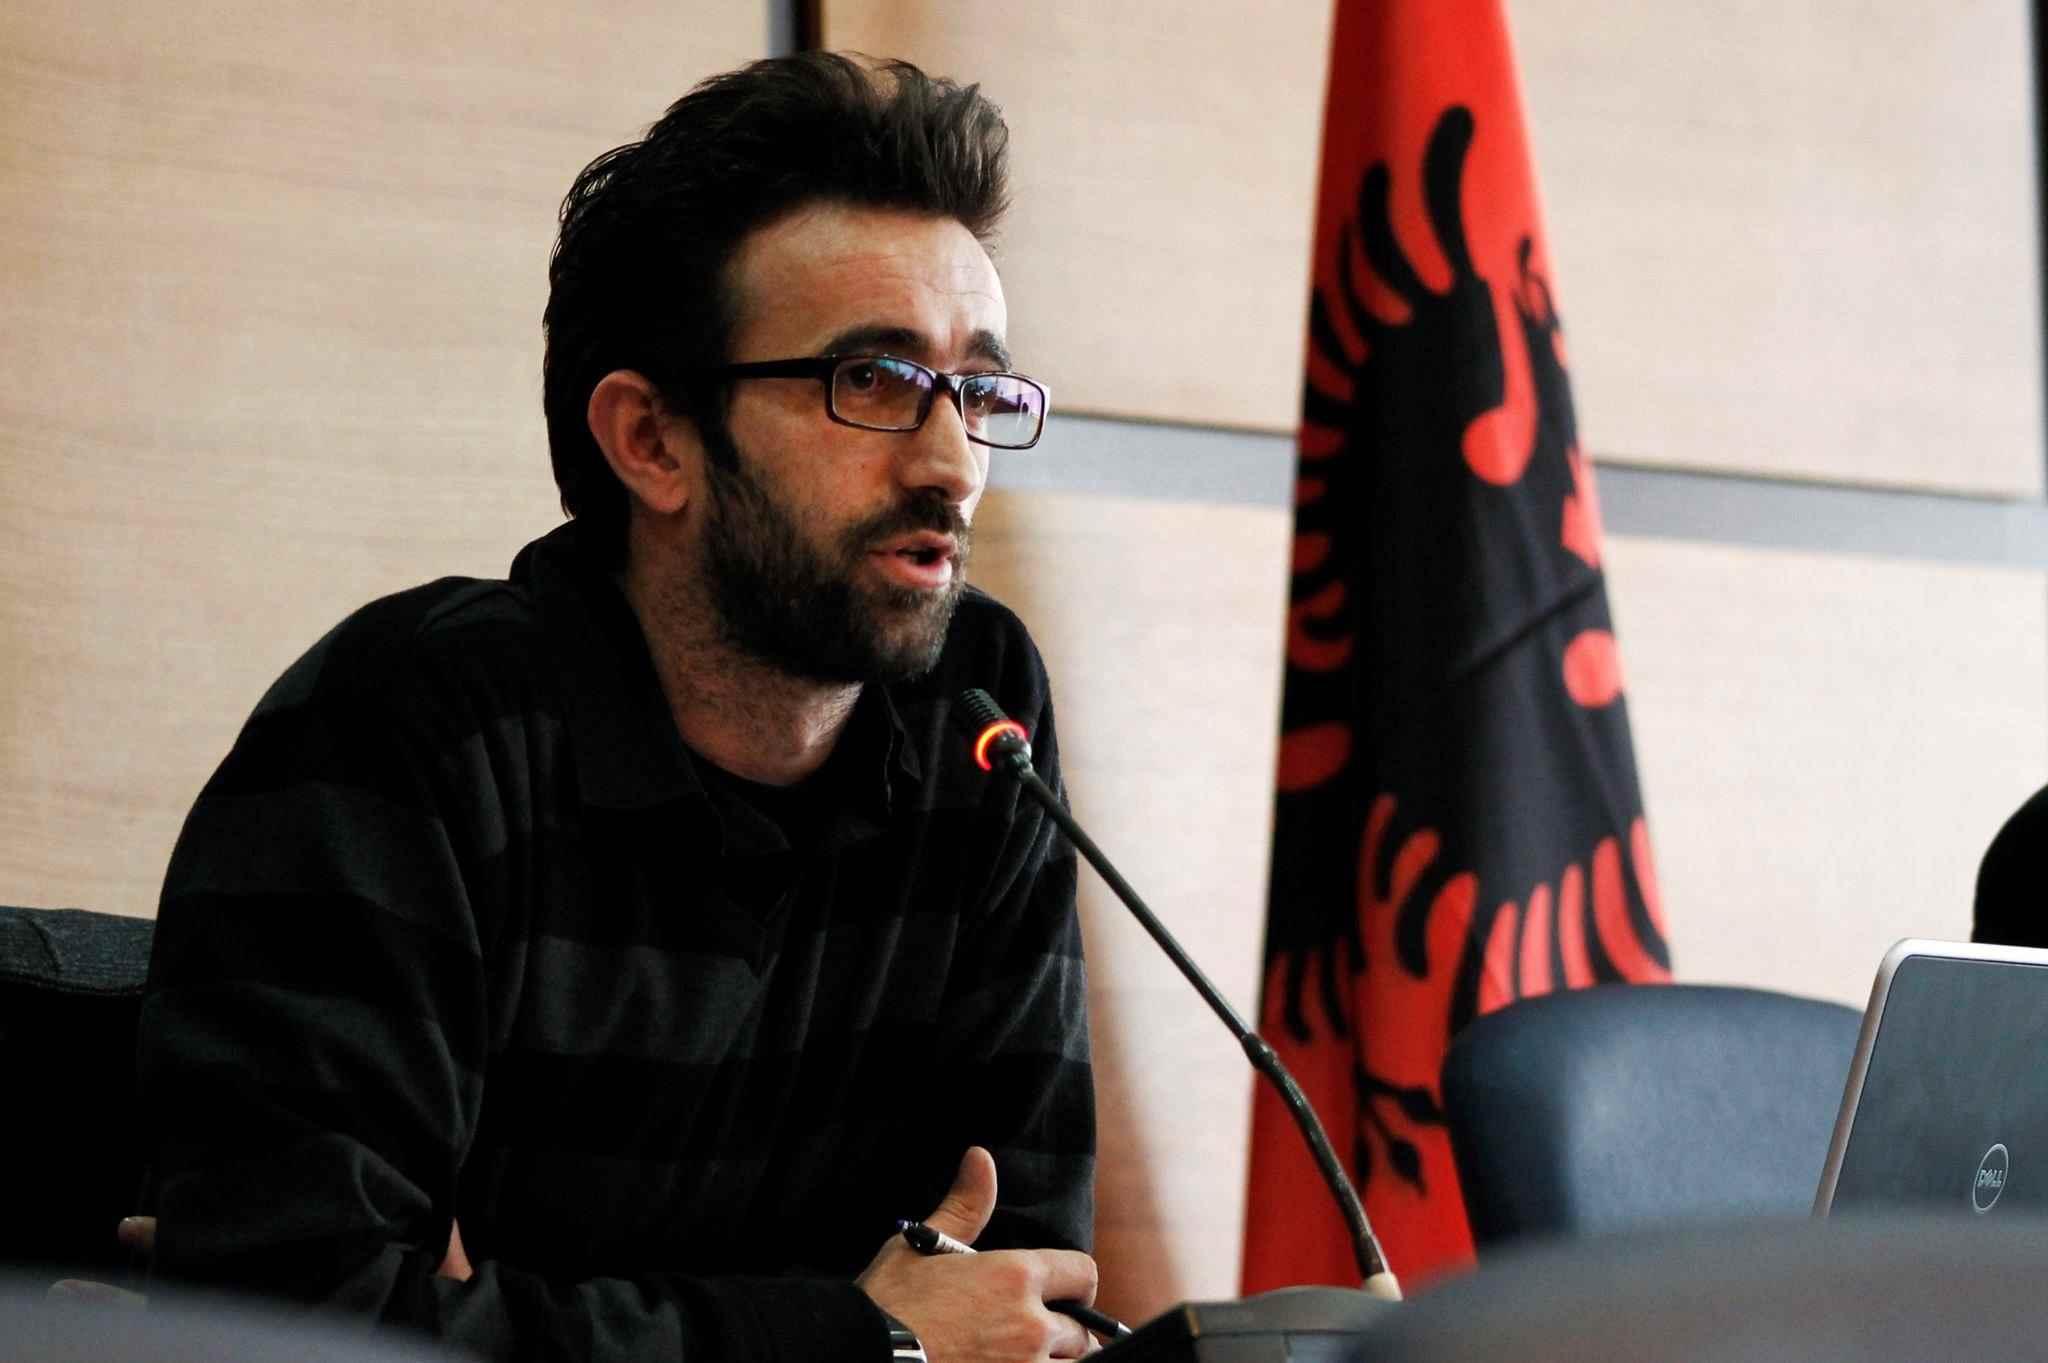 Vetëmashtrimet rrënuese të shqiptarëve - 2. Vetëmashtrimi për trimërinë e guximin tonë